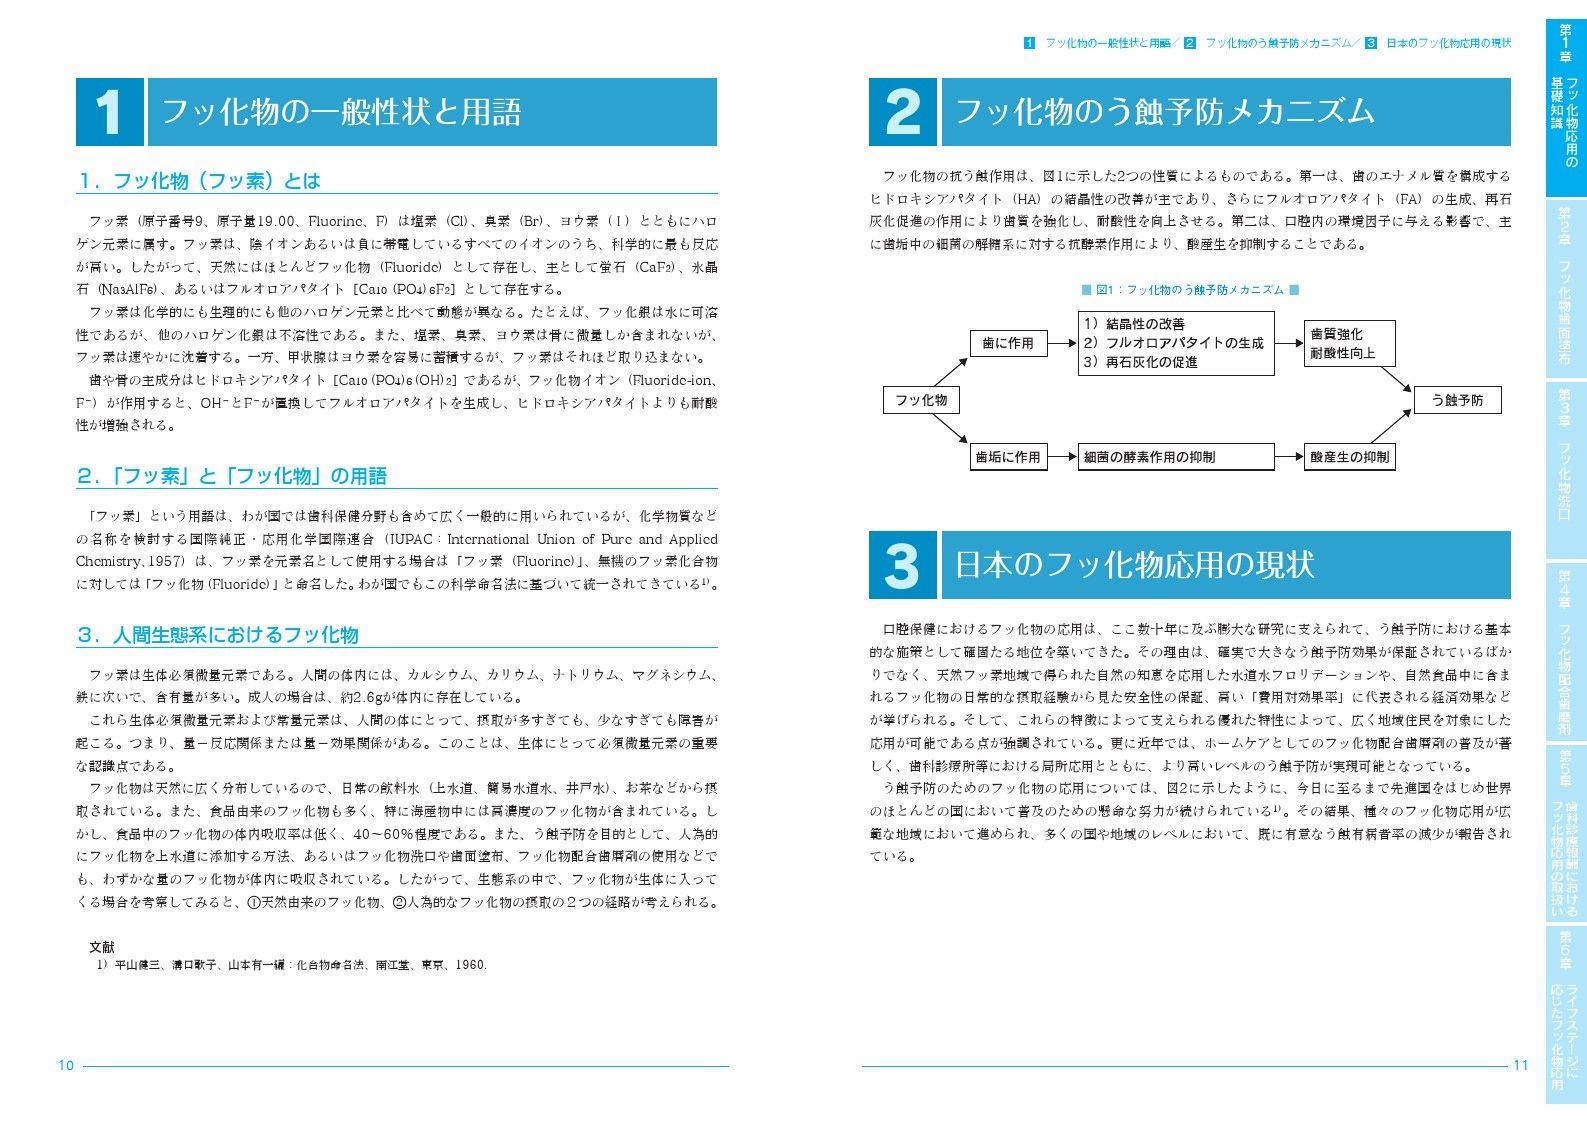 う蝕予防の実際 フッ化物局所応用実施マニュアル